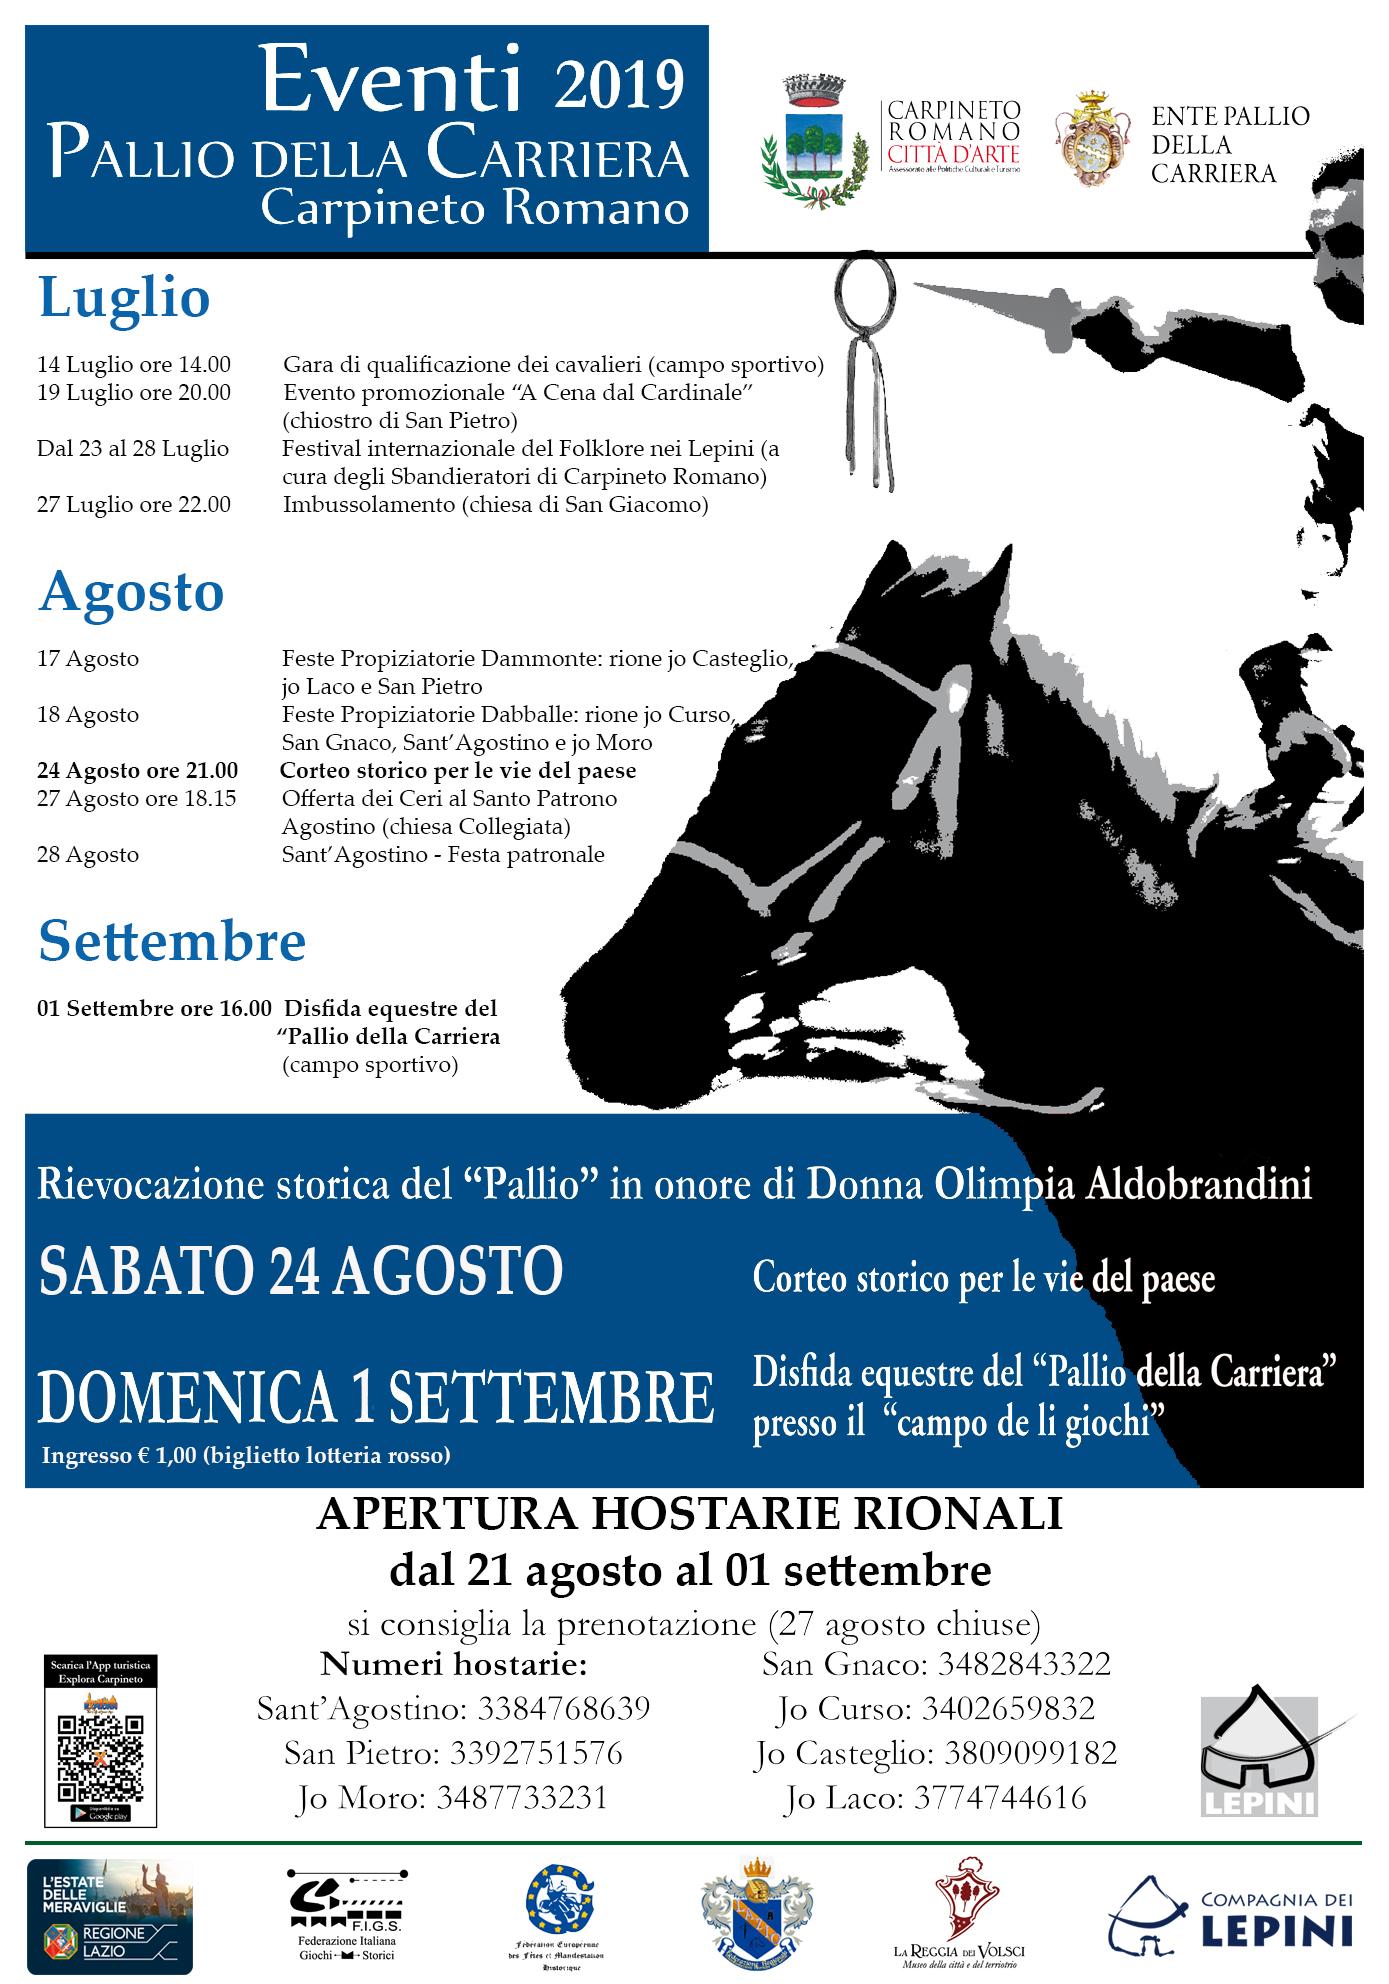 manifesto-eventi-pallio-2019